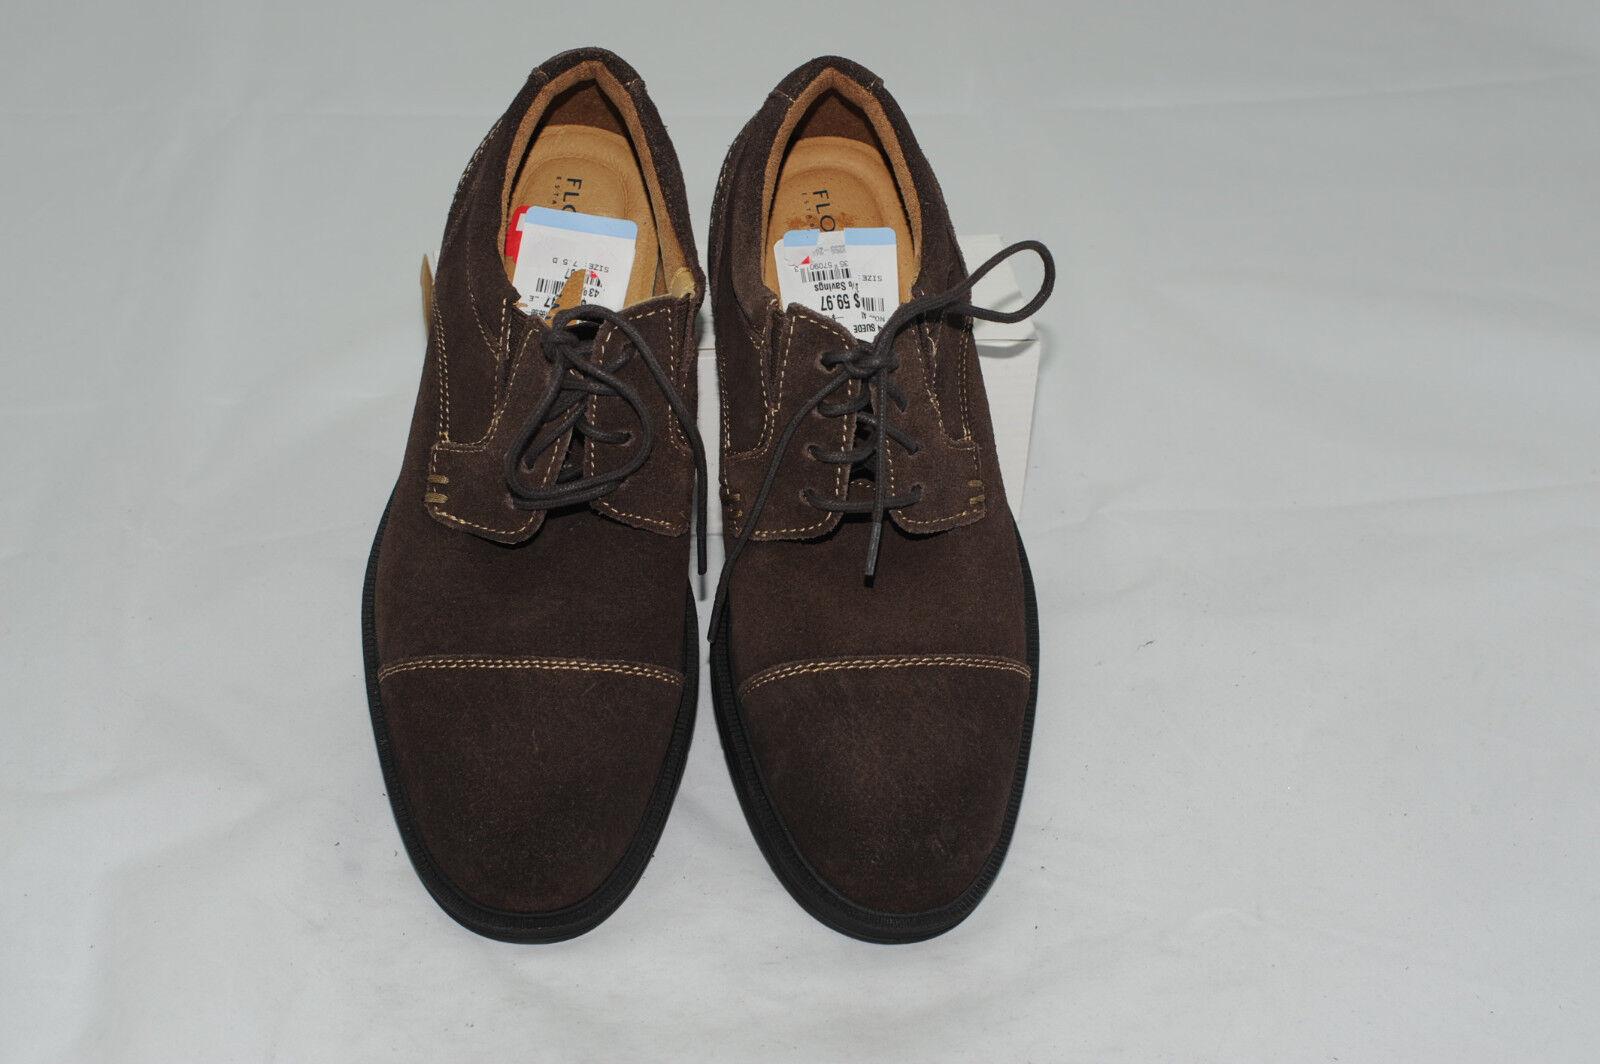 NWT Florsheim Men's Suede Leather Cap Toe Derby Dress shoes 7.5 D